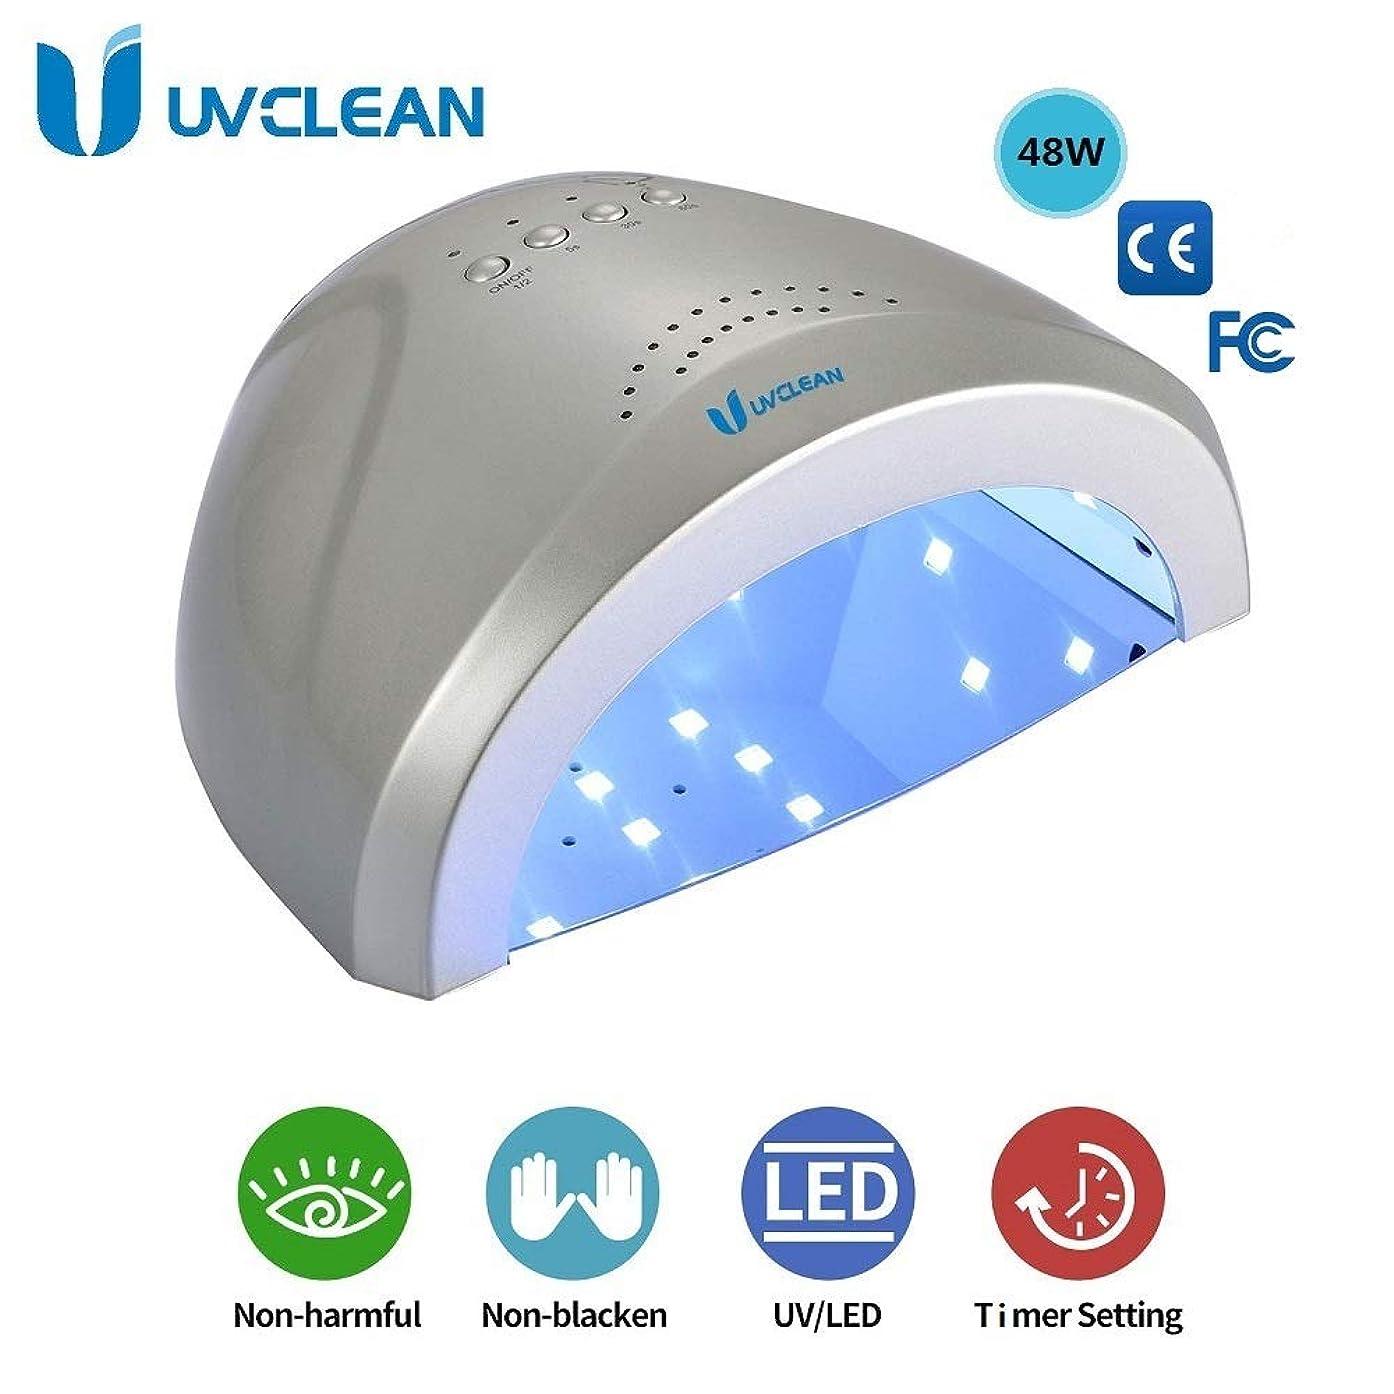 誓約バージン広いタイマー記憶センサーと2倍速の機能を有する48wのUV LEDネイルランプ、ネイルカラー乾燥機、ネイルカラー硬化ランプ、ネイルサロンランプ (シルバー)